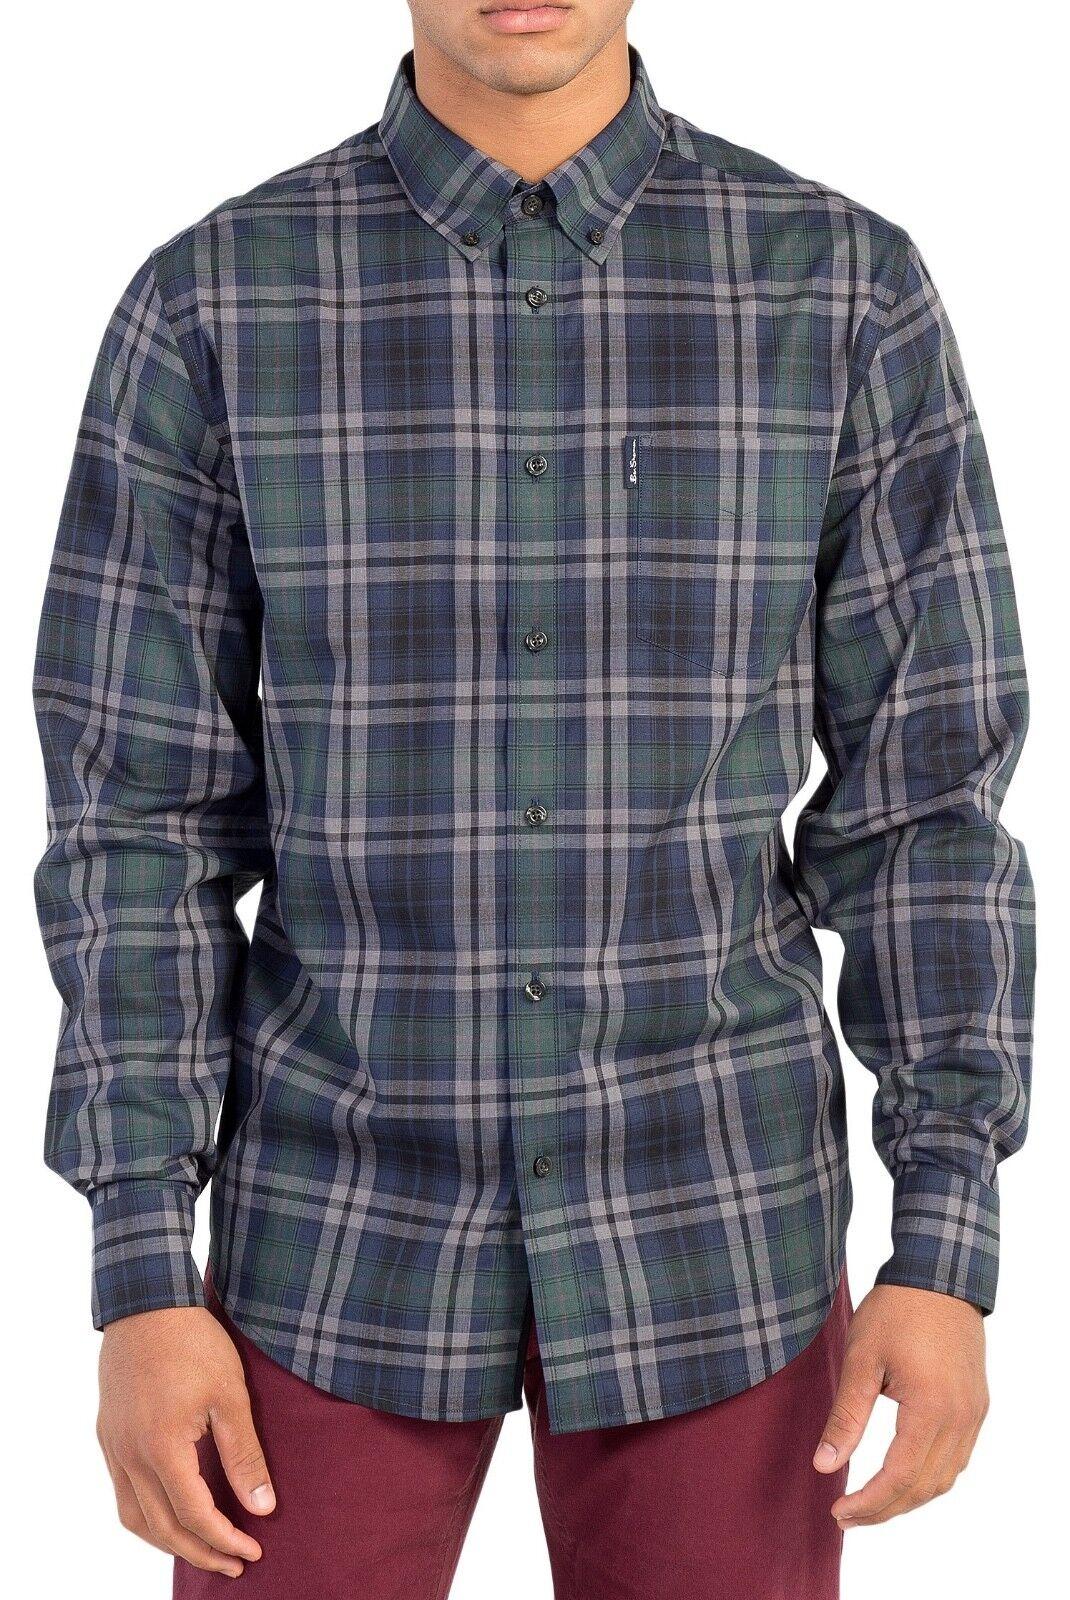 Ben Sherman Check Camicia Regolare Manica Lunga Cotone Cotone Cotone Button Down Dark Ivy verde fba416